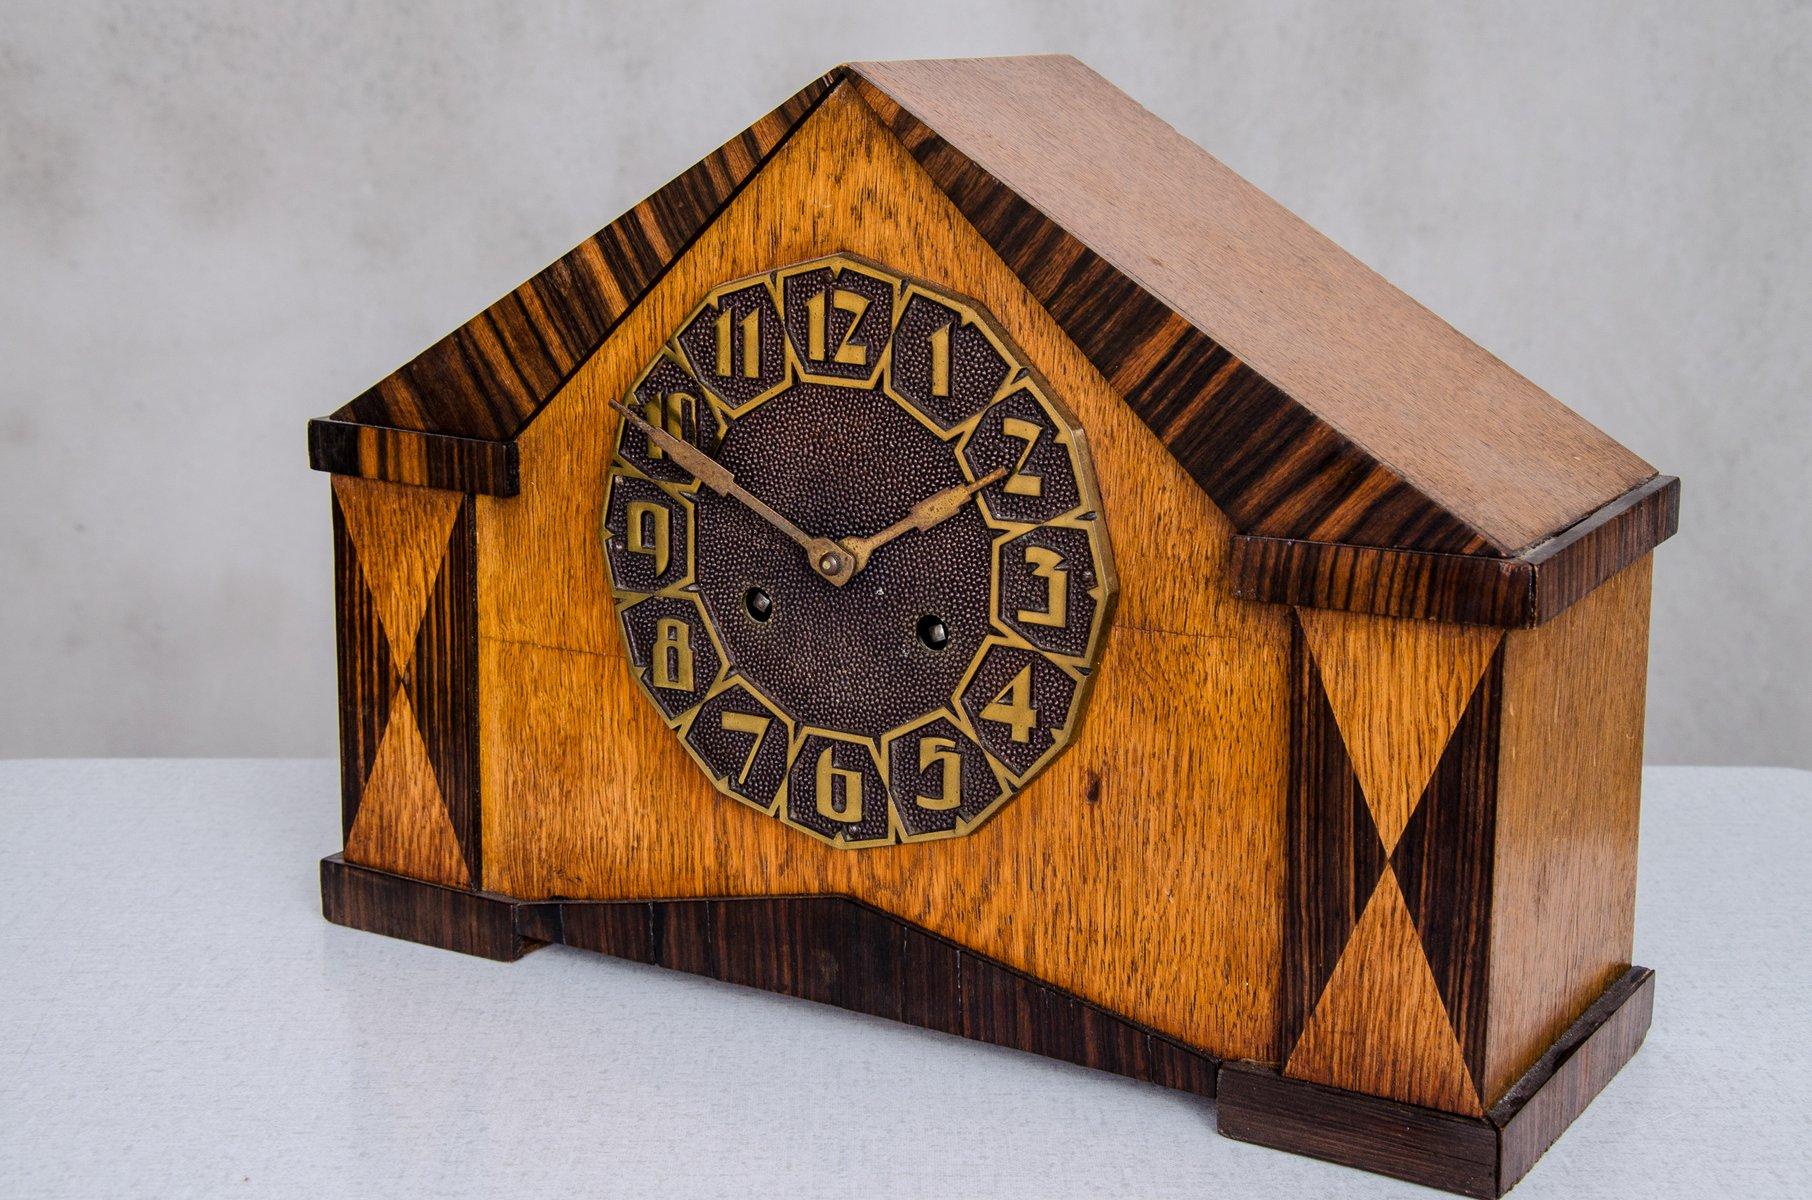 Fuori centro orologio da tavolo off center desk clock olandese